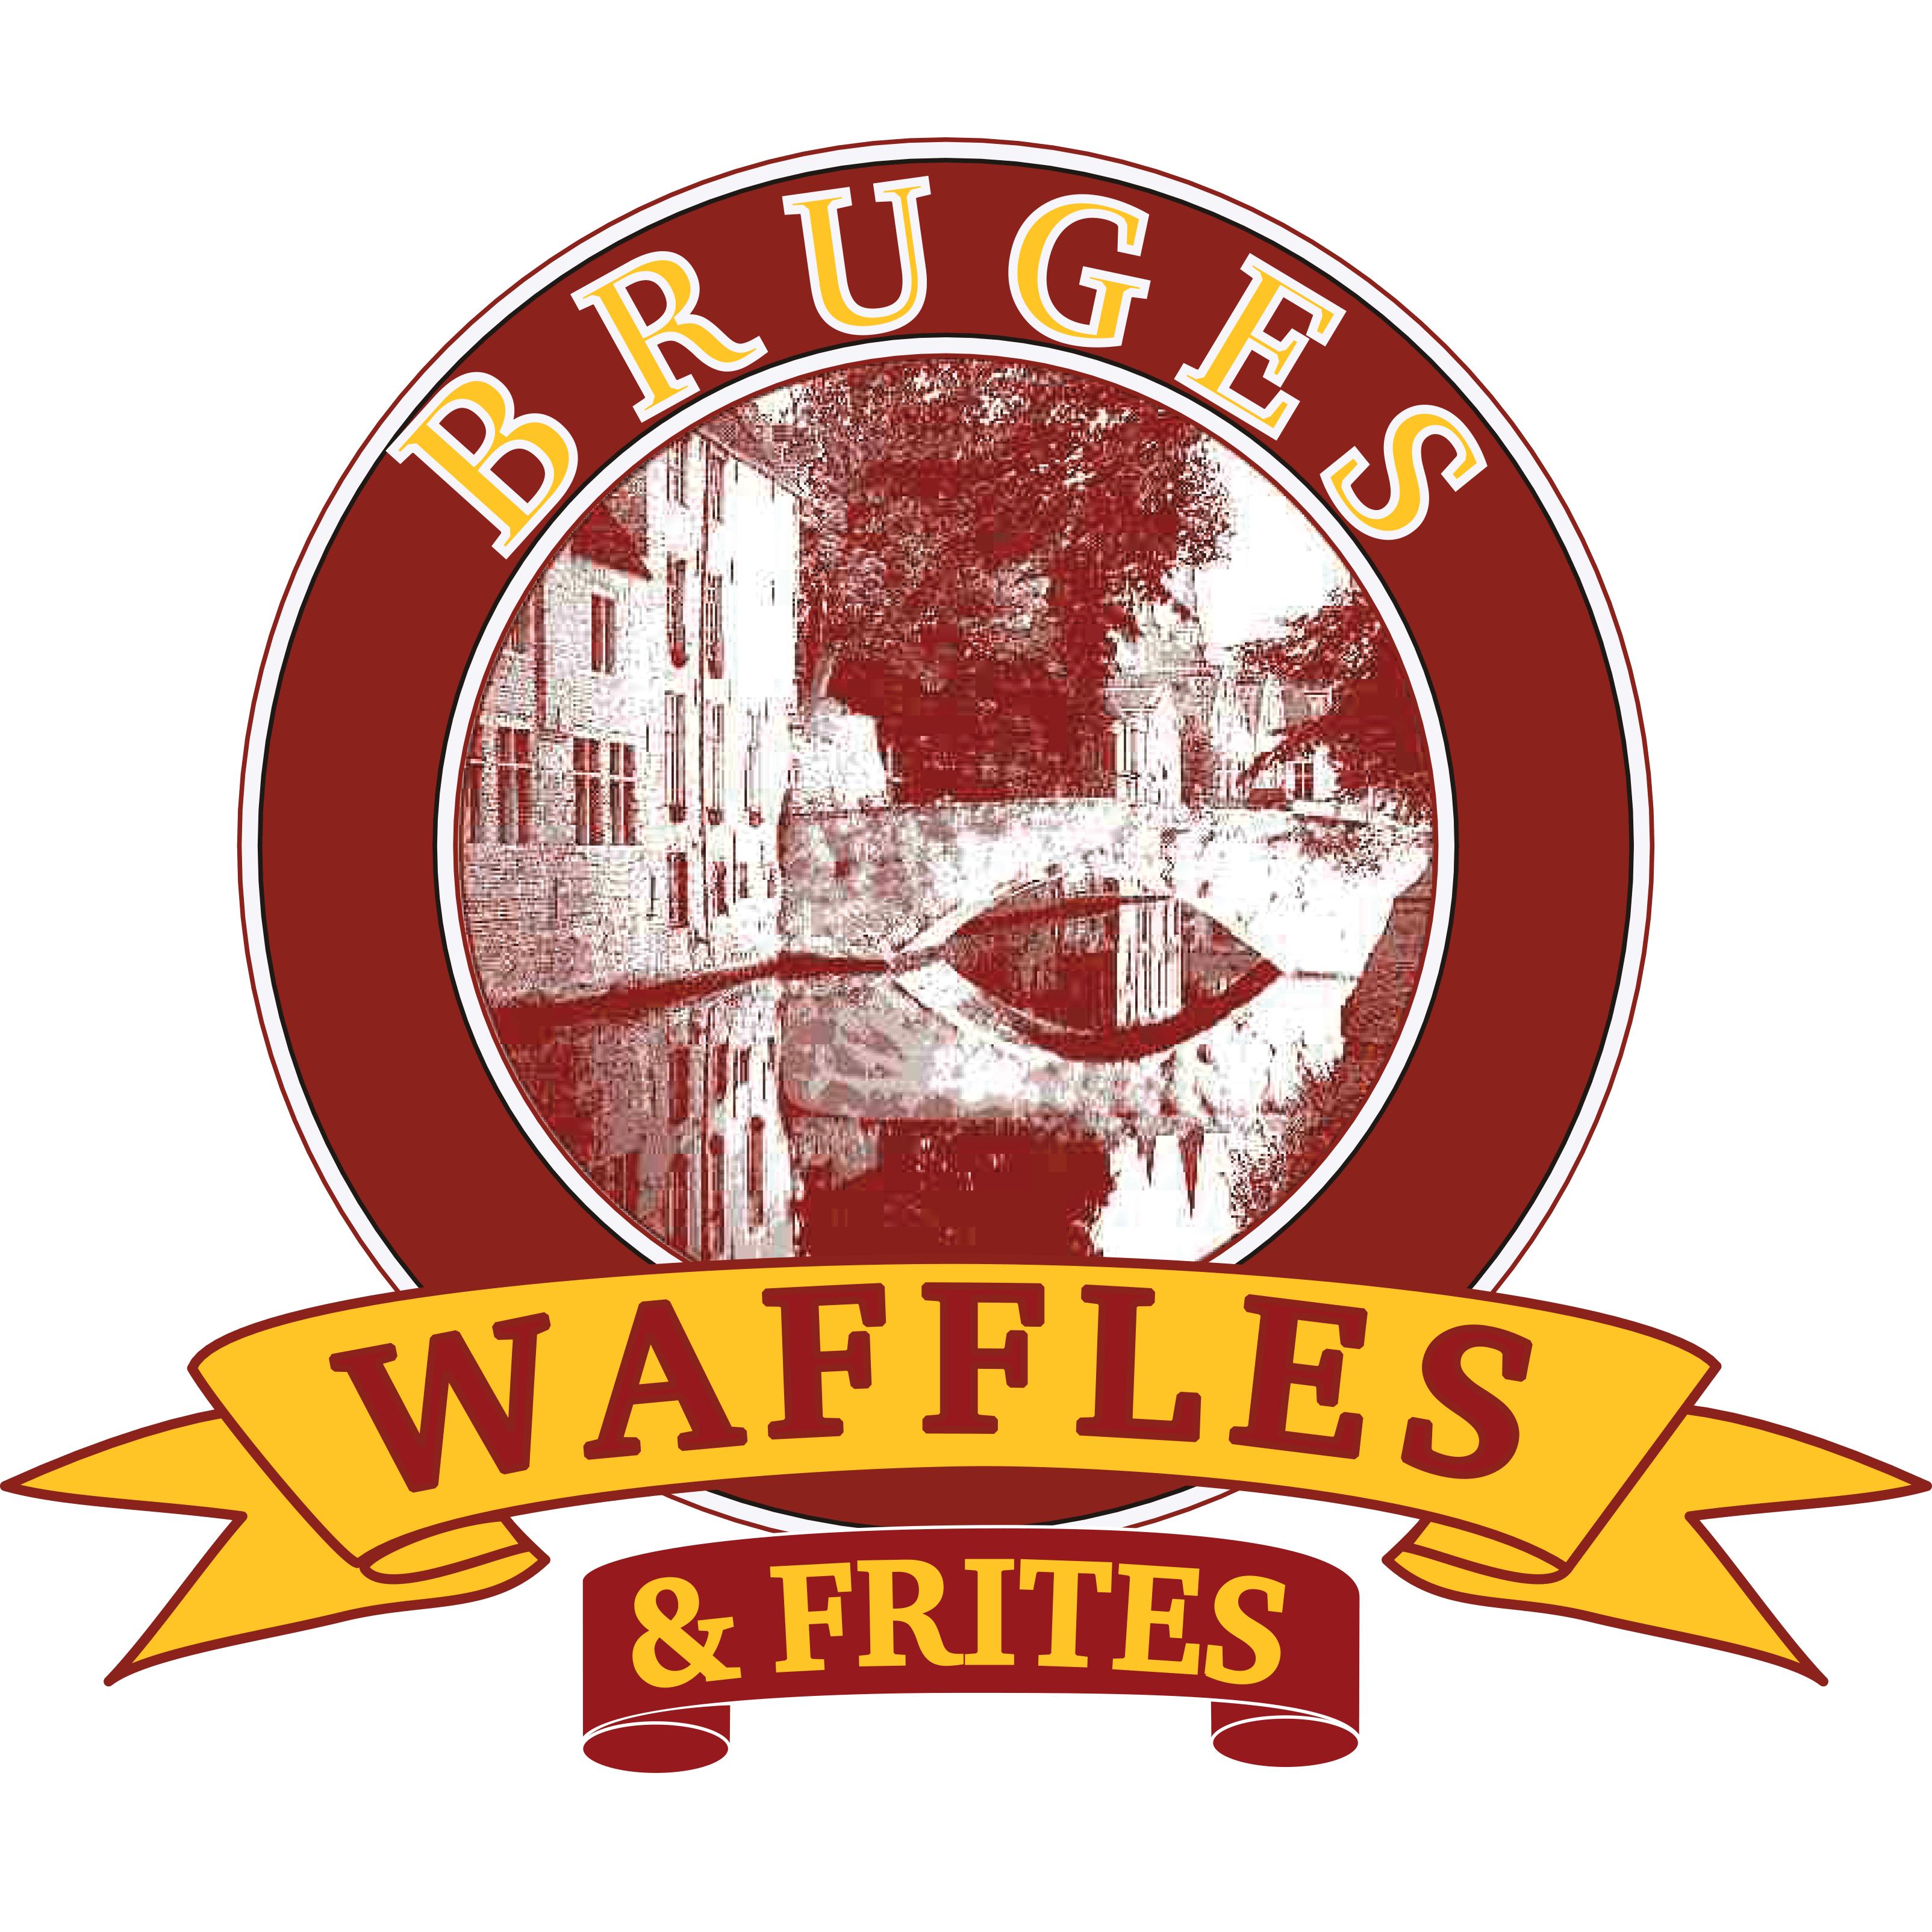 Bruges Waffles & Frites Food Trucks